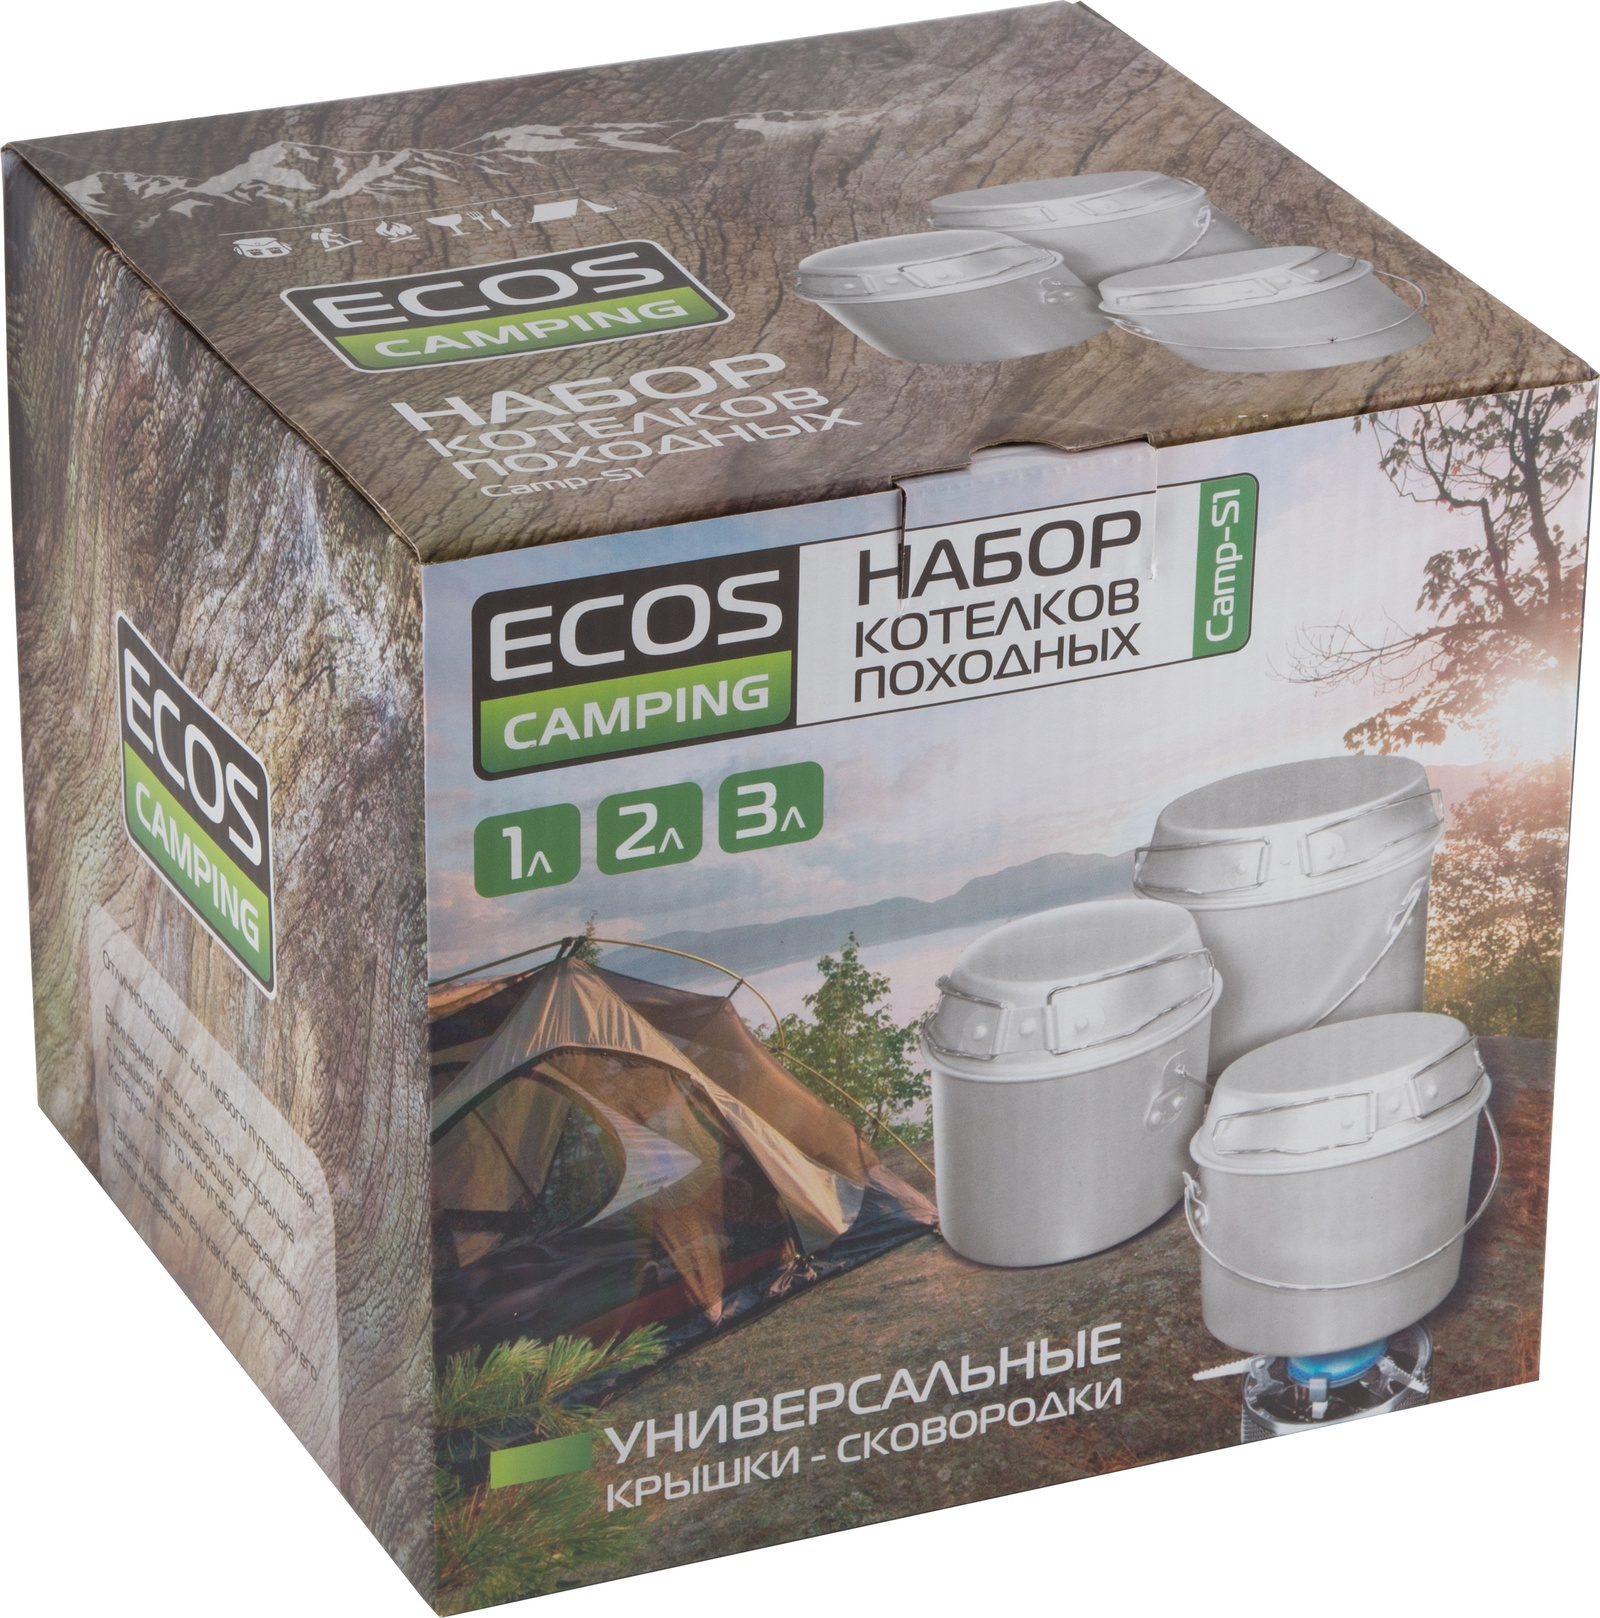 Комплект посуды для приготовления Ecos Camp-S1, серебристый котелок tramp с крышкой сковородой цвет серый trc 039